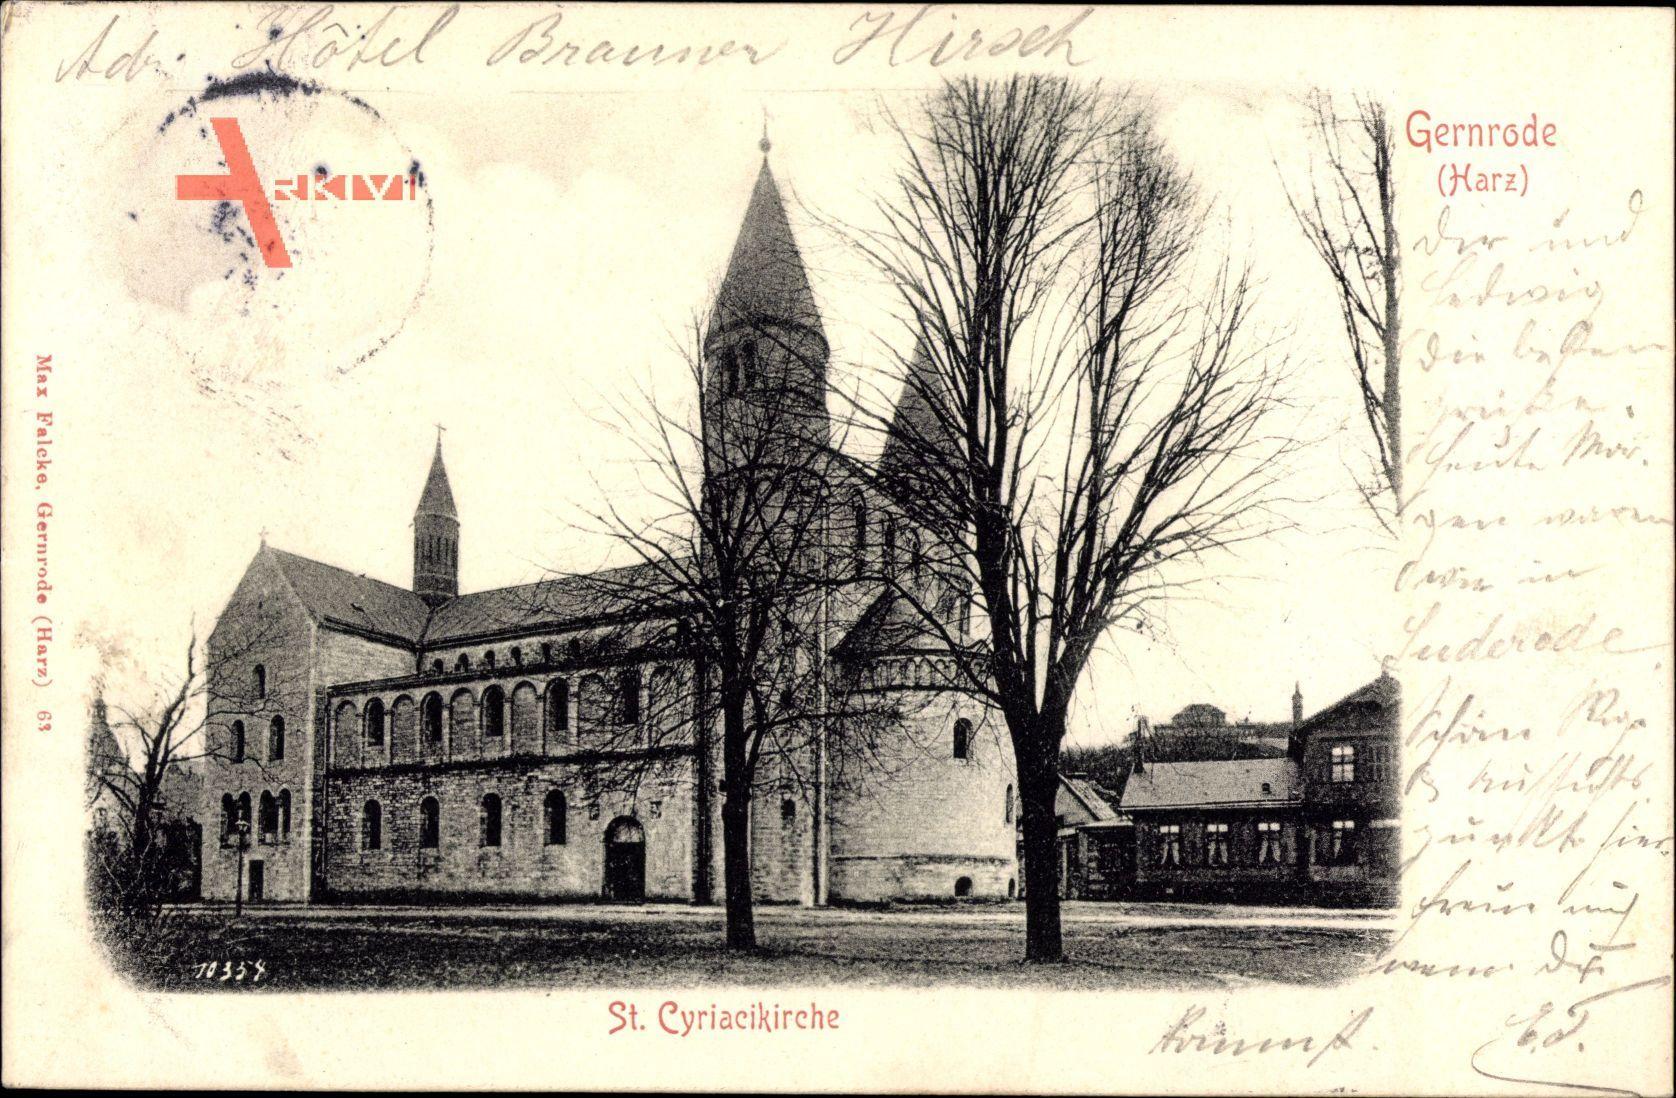 Gernrode im Harz, Straßenpartie mit Blick auf St. Cyriacikirche, Fassade